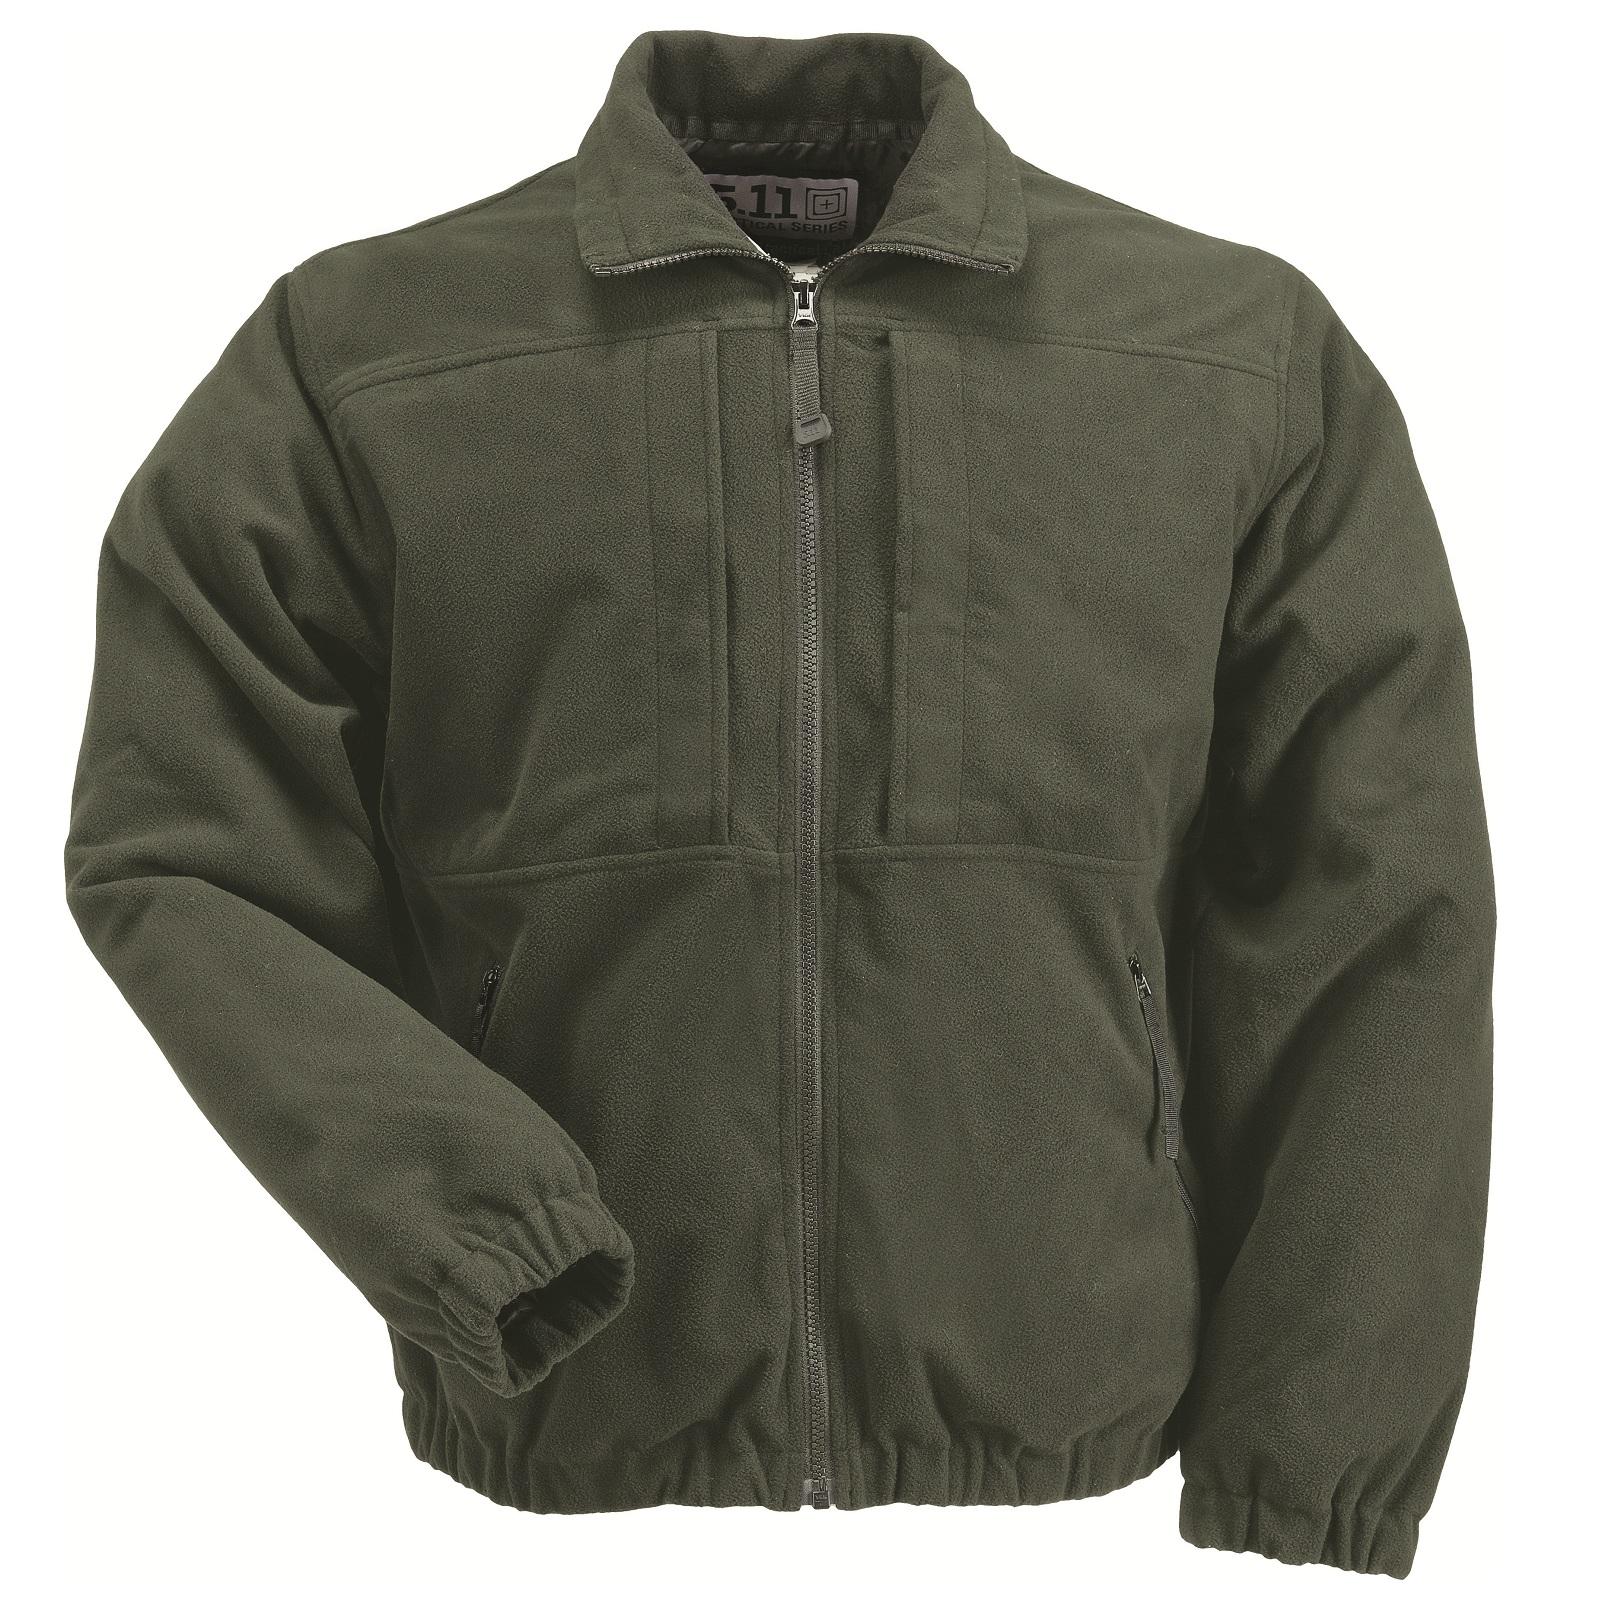 5-11-Tactical-Covert-Fleece-Jacket-Wind-Resistant-48111-Green-Moss